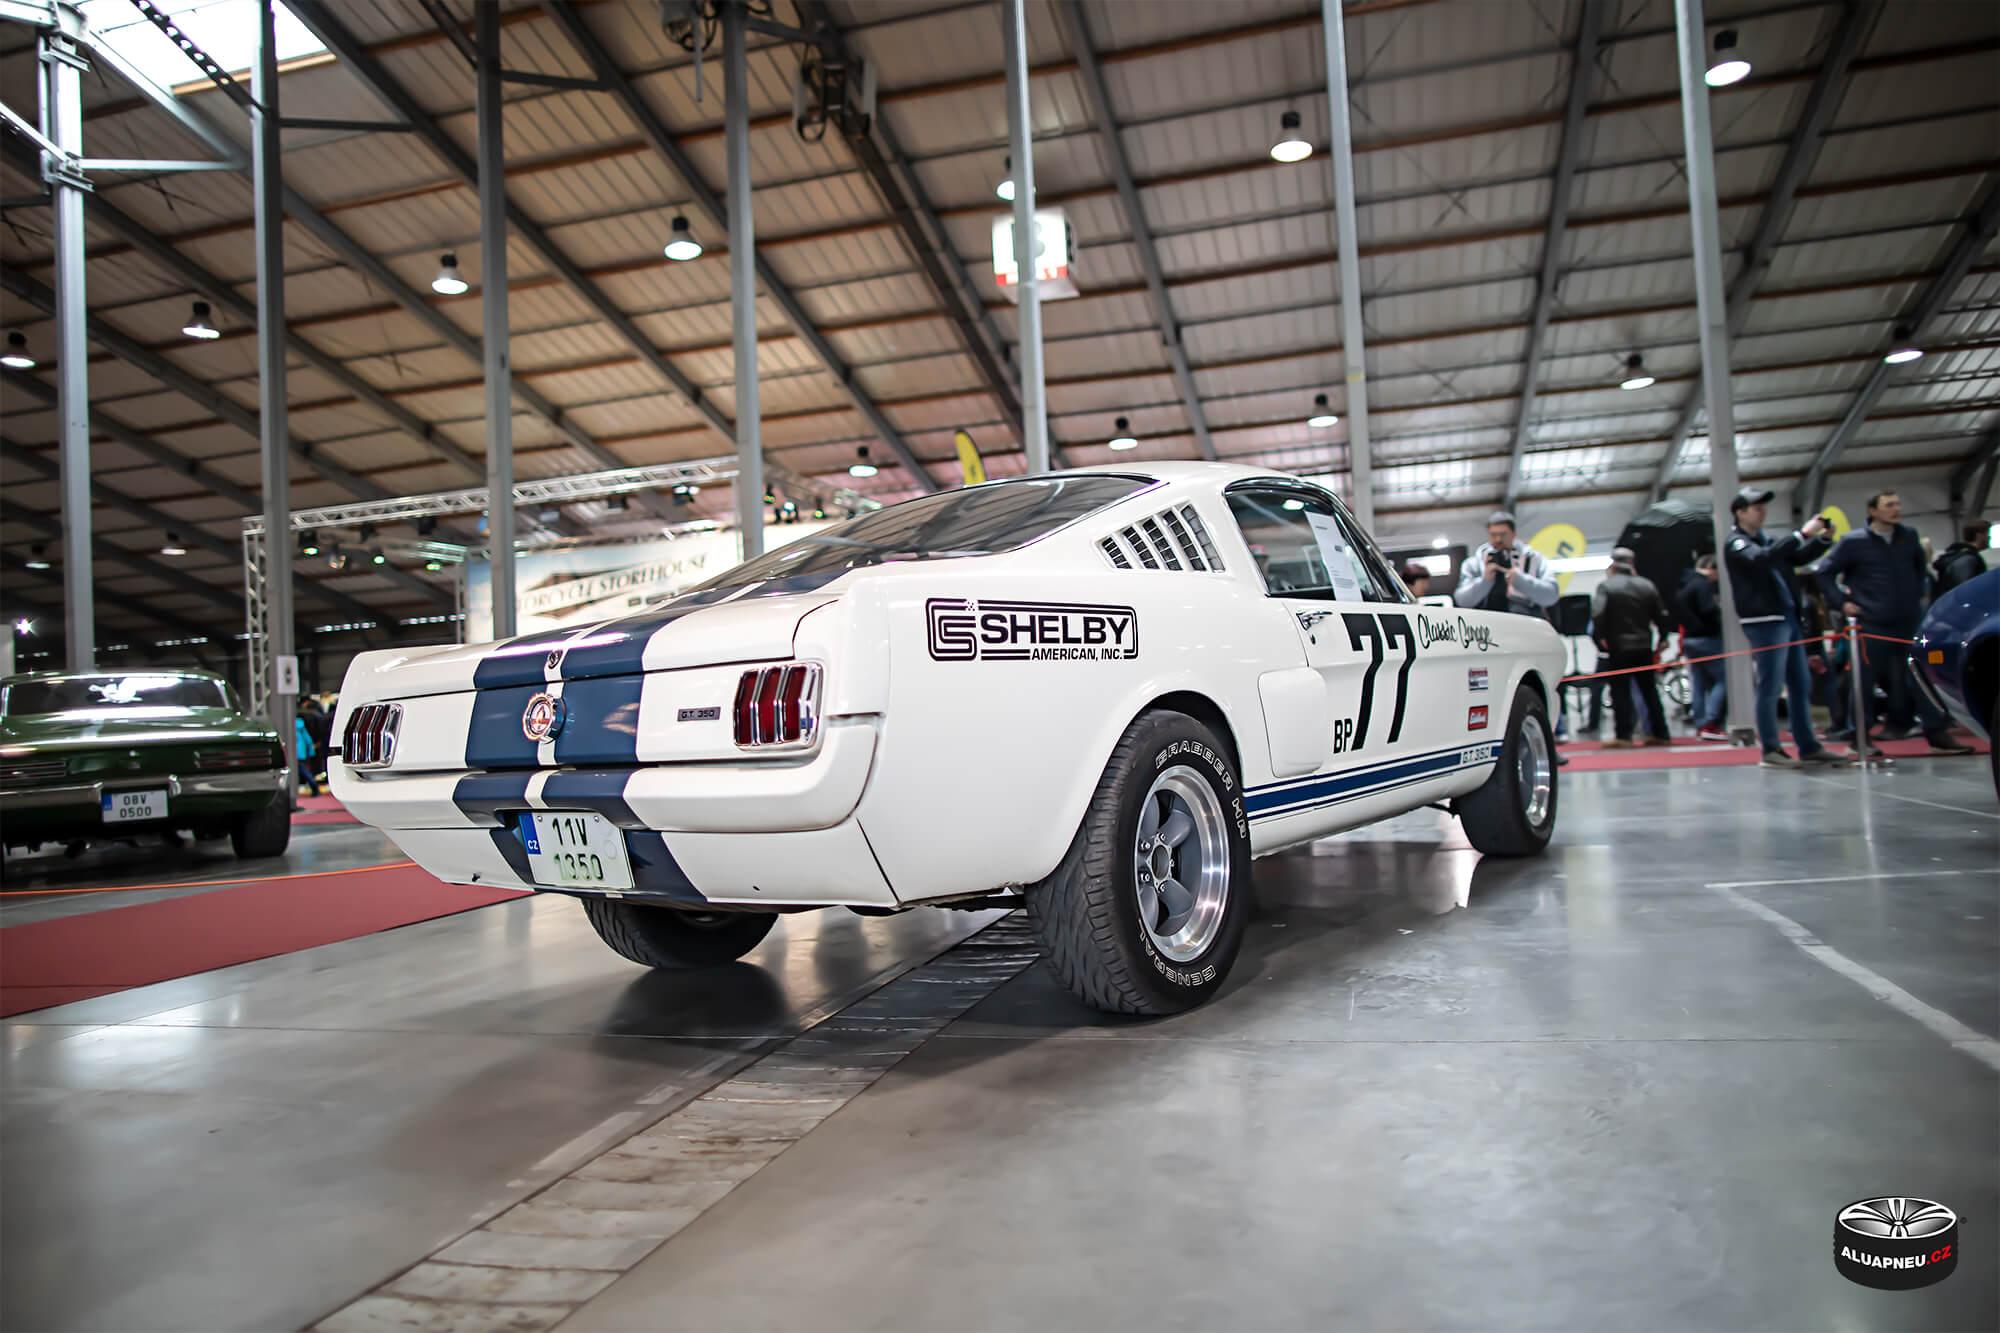 Ford Mustang Shelby - leštěná alu kola - Autosalon Praha 2019 - www.aluapneu.cz